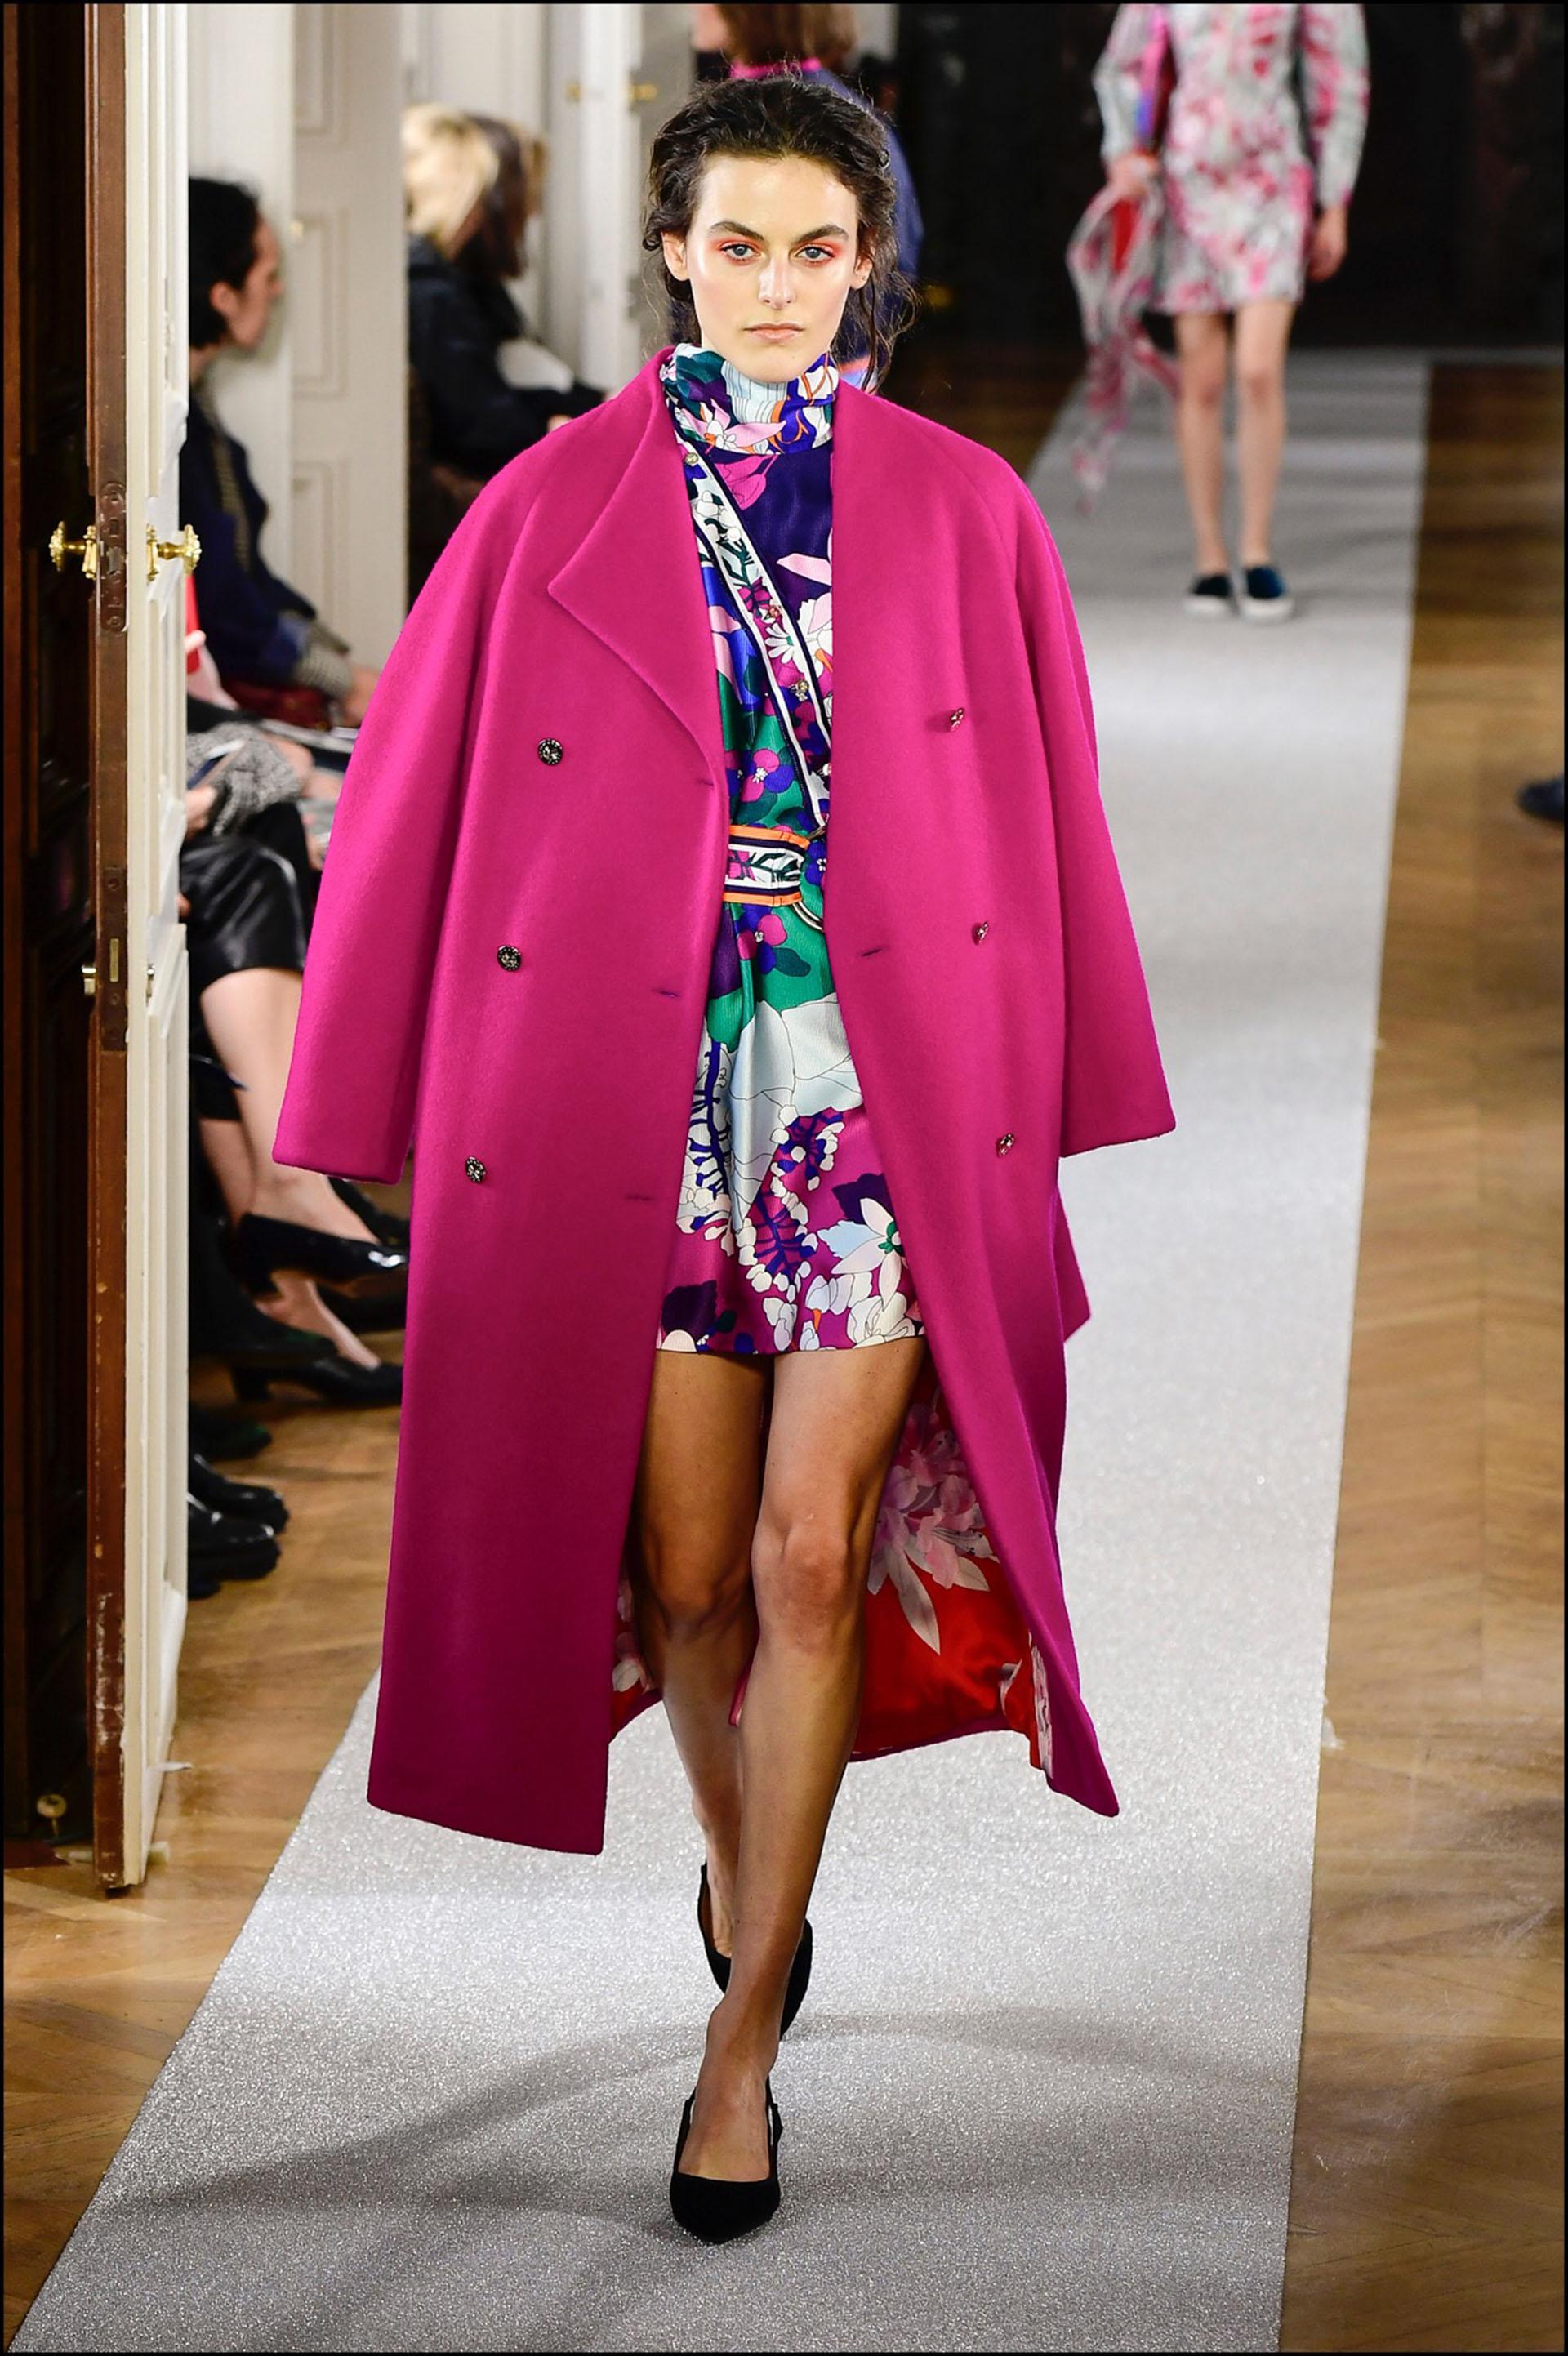 Tapado de color en el desfile deLeonard presentado en la semana de la moda parisina.